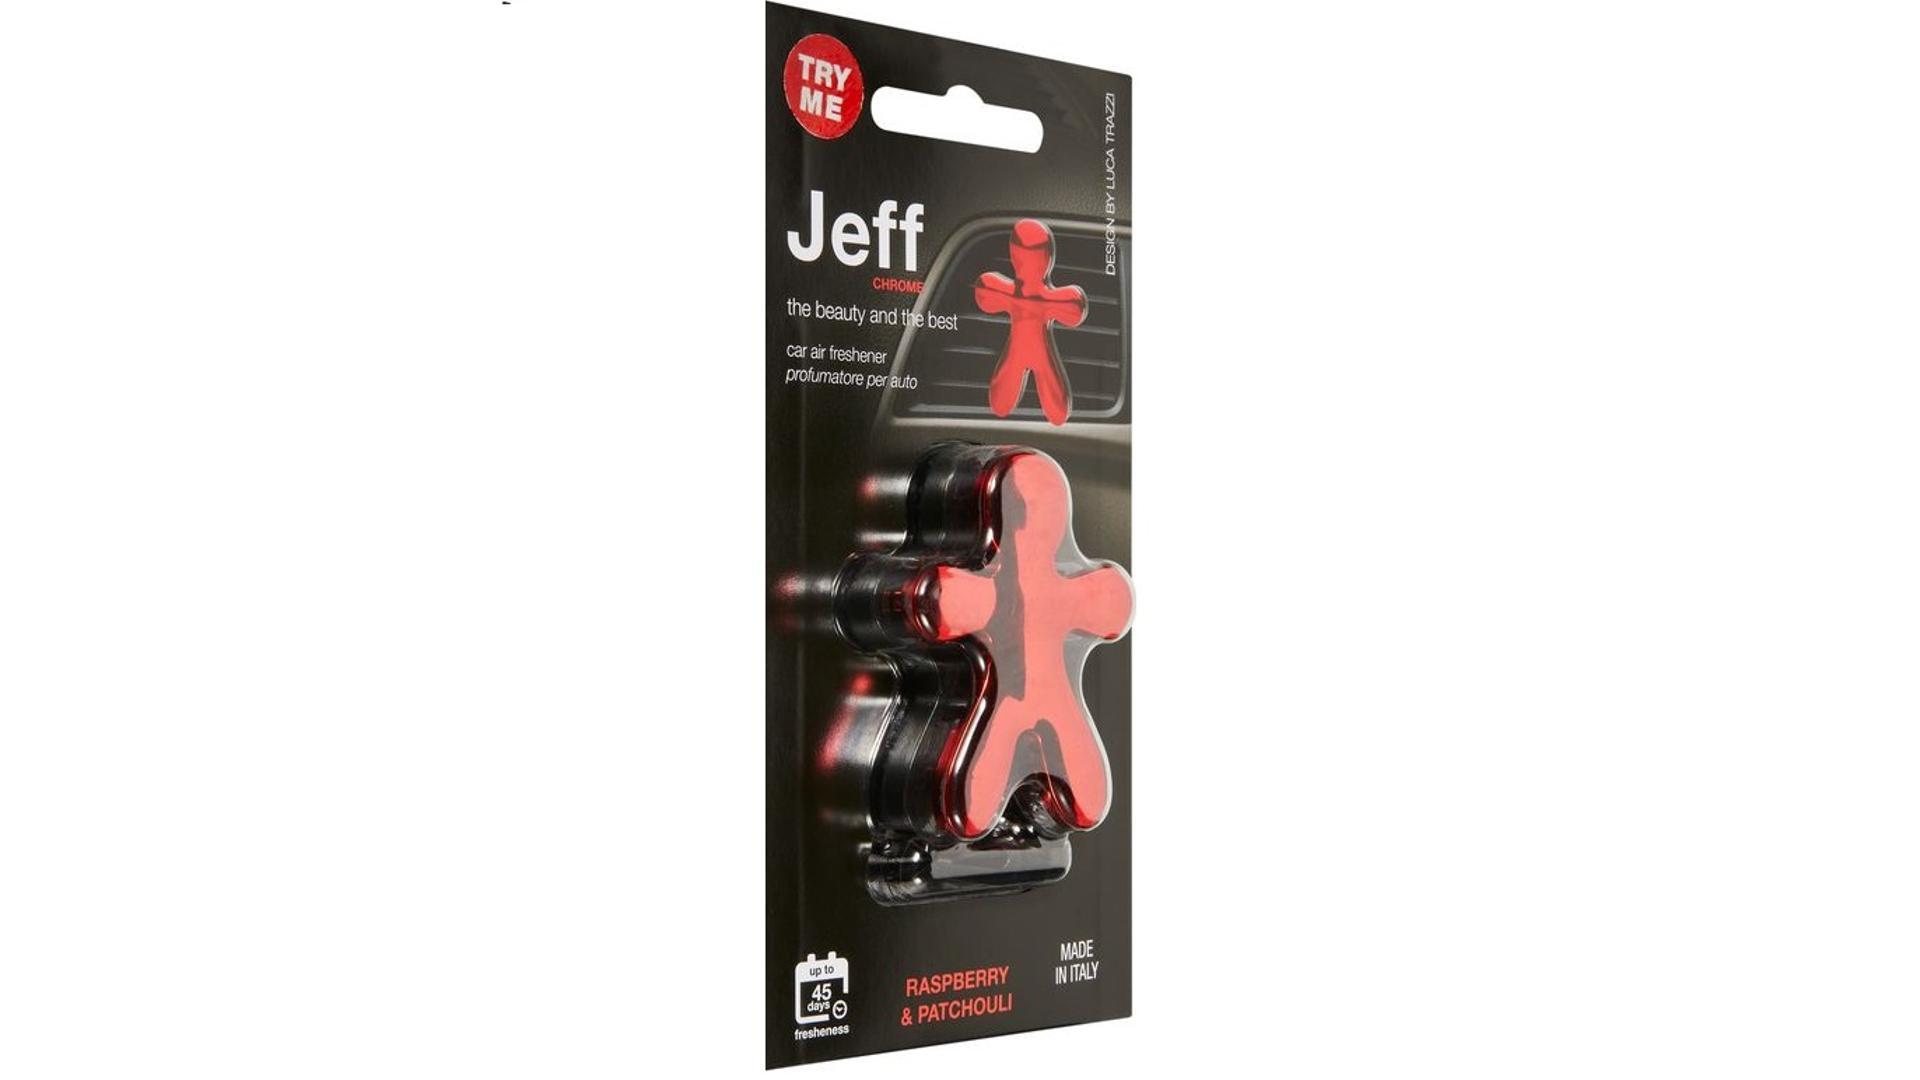 JEFF osvěžovač vzduchu rudý chrome - Raspberry & Patchouli